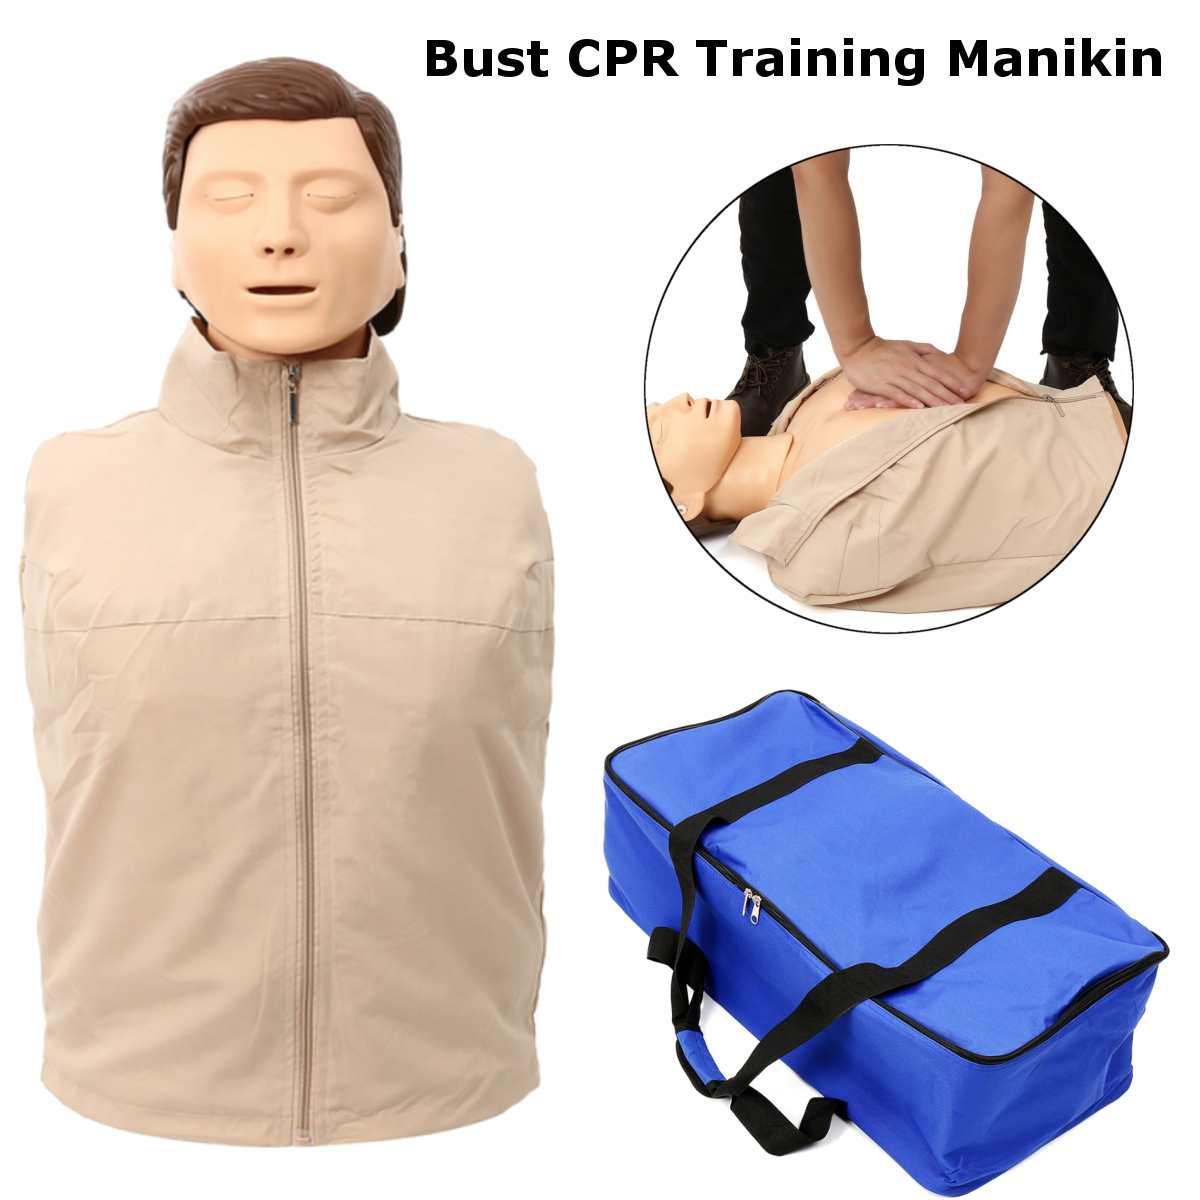 70x22x34cm Del Busto CPR Training Manichino Professionale di Formazione Infermieristica Mannequin Modello Medico Umani di Formazione di Primo Soccorso modello Nuovo